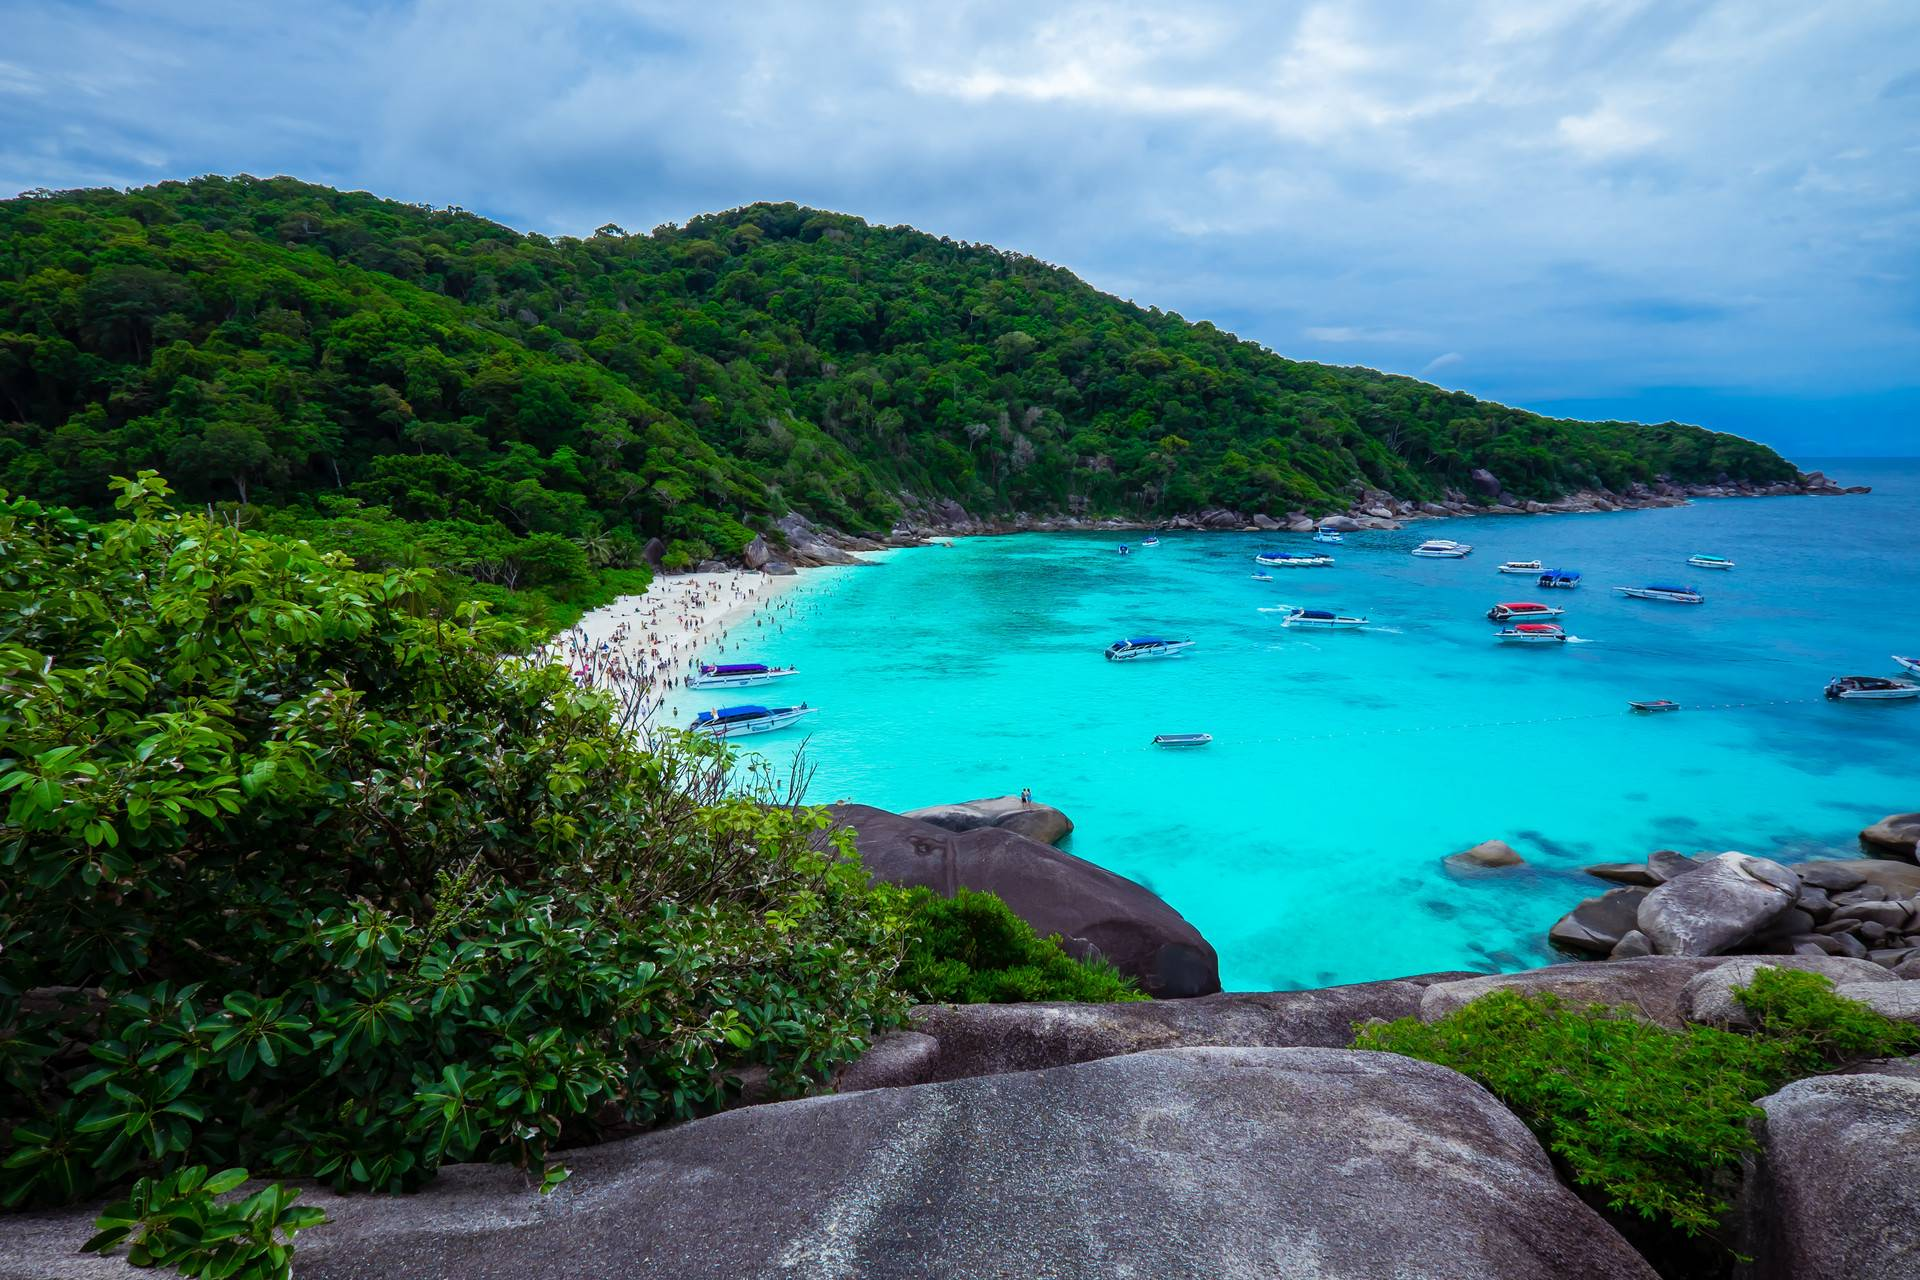 泰国大小皇帝岛一天游